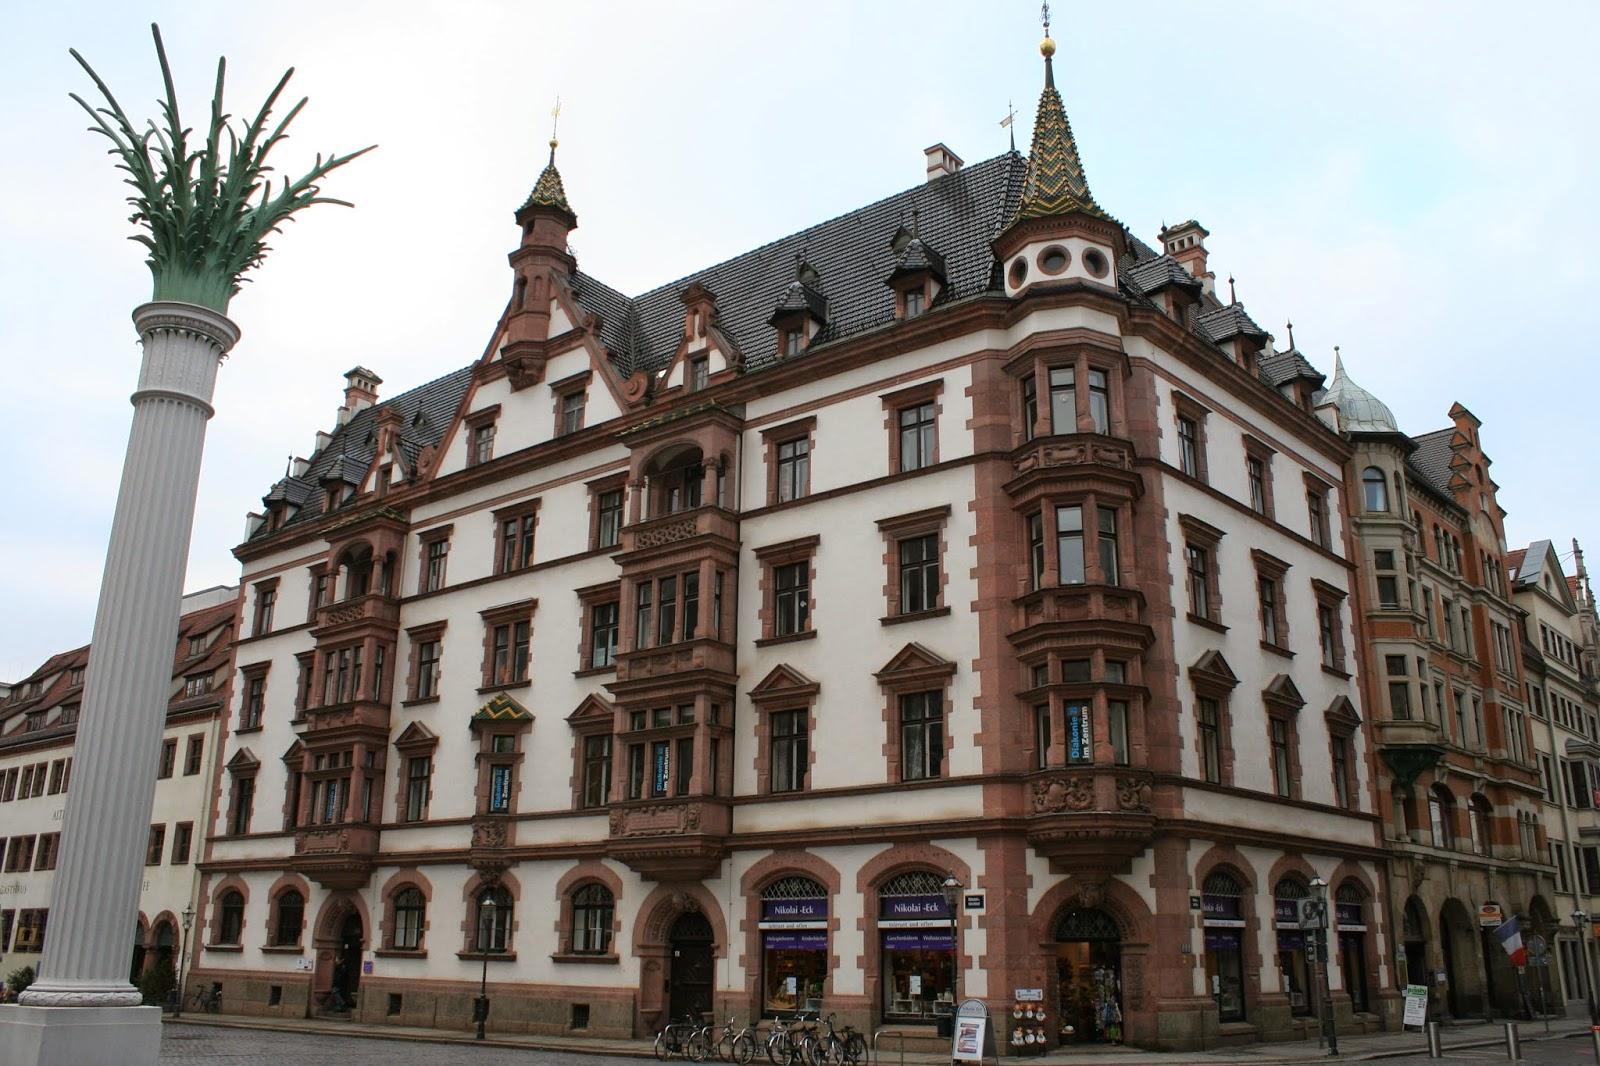 """Das neogotische """"Predigerhaus"""" der Nikolaikirche befindet sich direkt neben der """"Alten Nikolaischule"""" und wurde 1886/87 vom Architekten Hugo Licht erbaut#"""